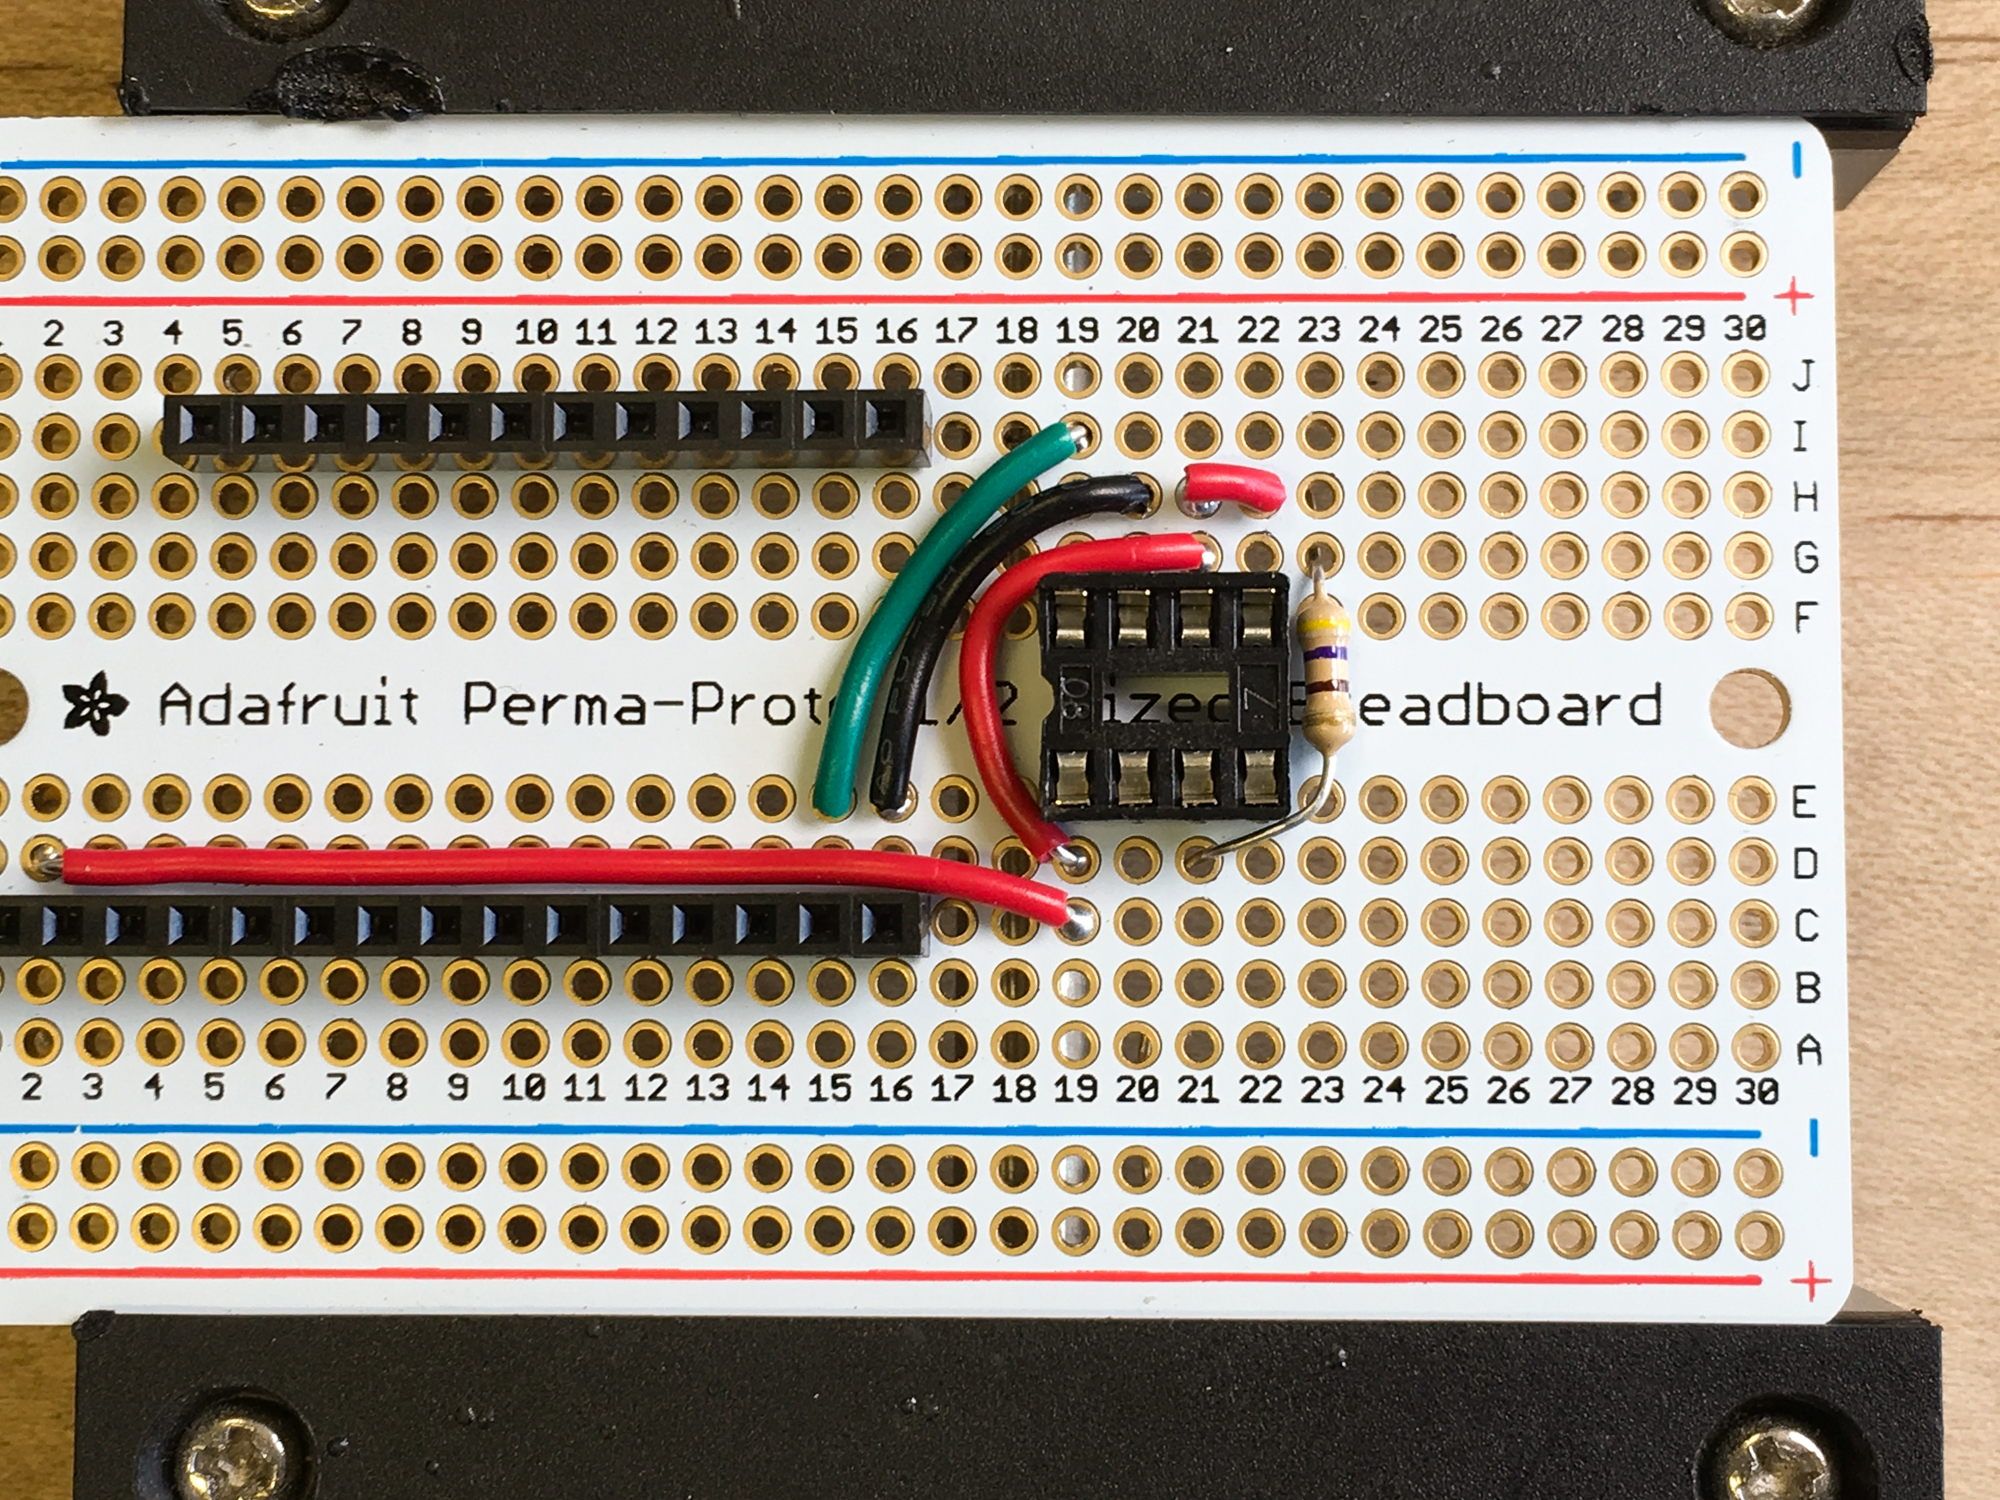 microcontrollers_IMG_1769_2k.jpg